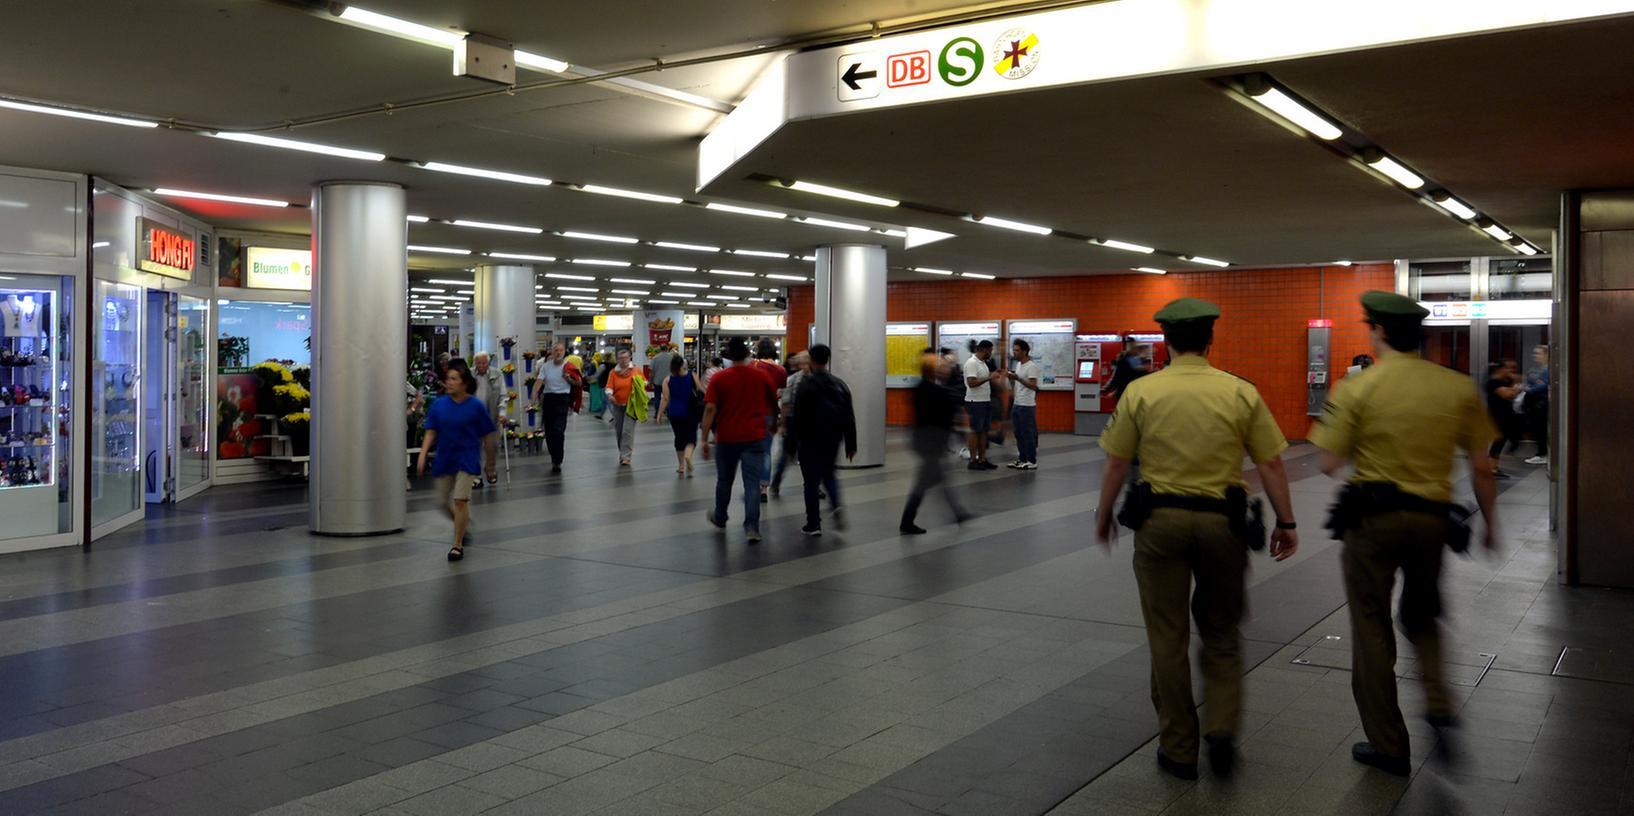 Mit Maßnahmen wie erhöhter Polizeipräsenz oder einem Alkoholverbot soll die Königstorpassage wieder aufgewertet werden.